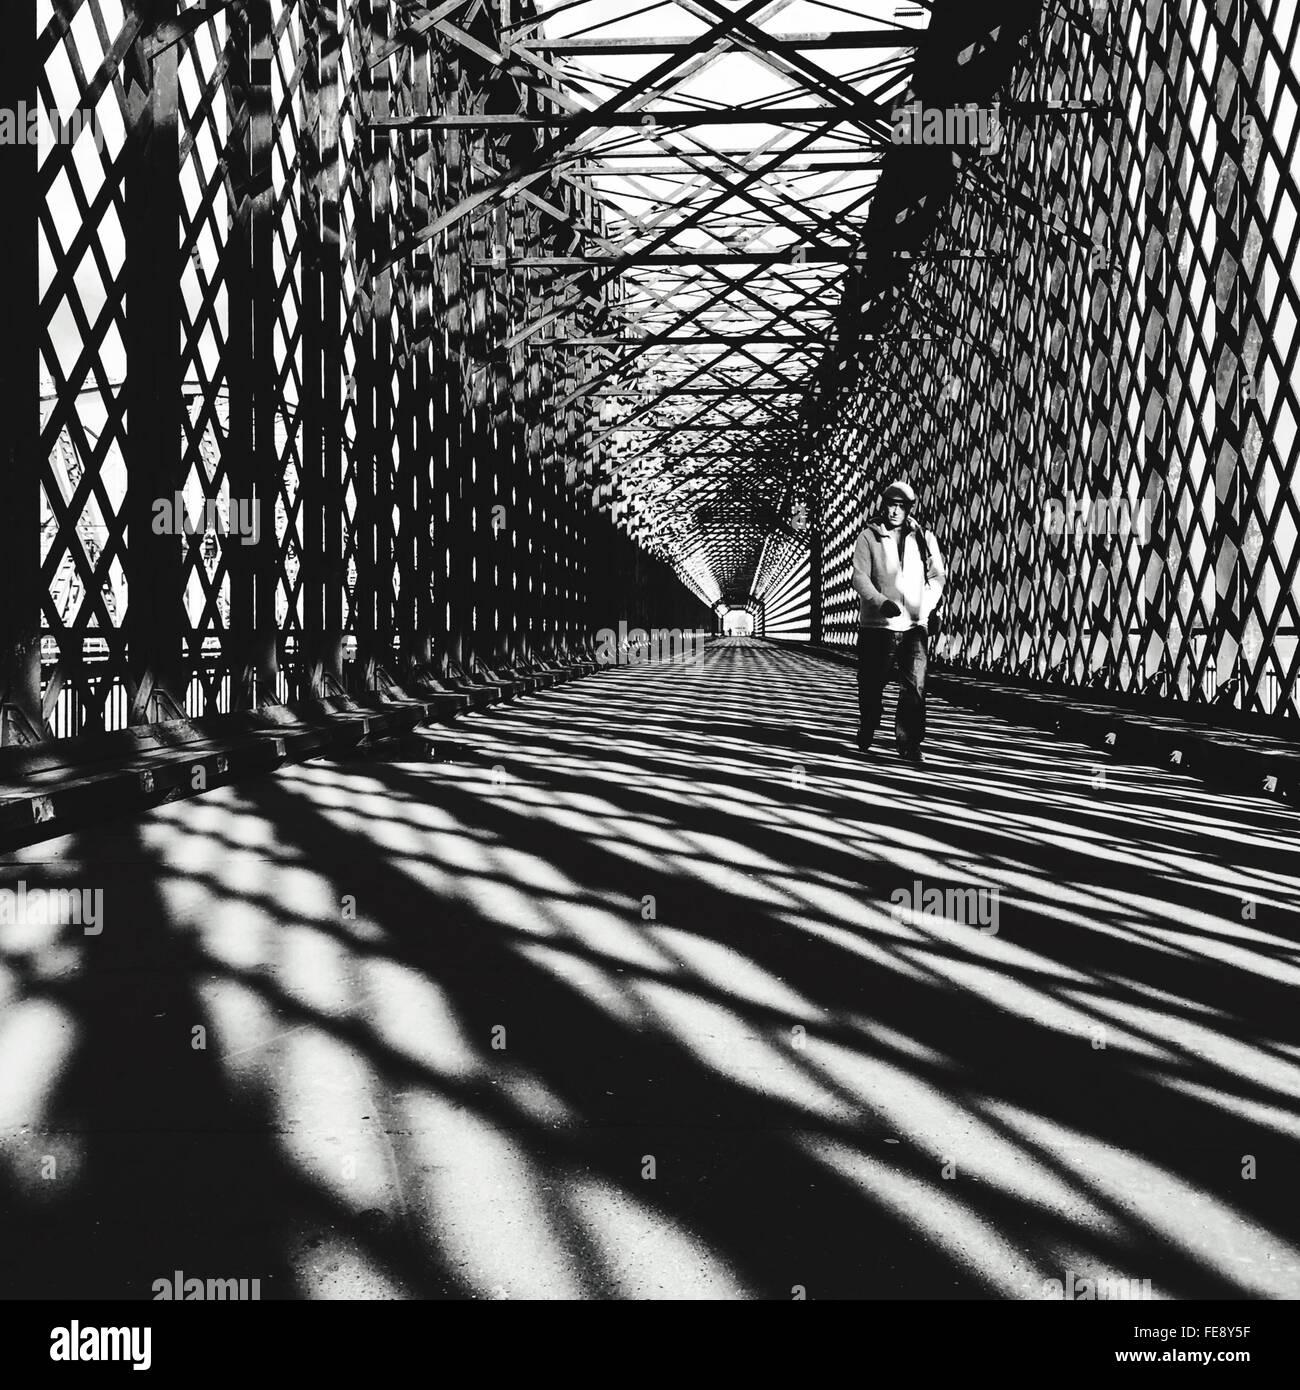 Man Walking On Bridge - Stock Image